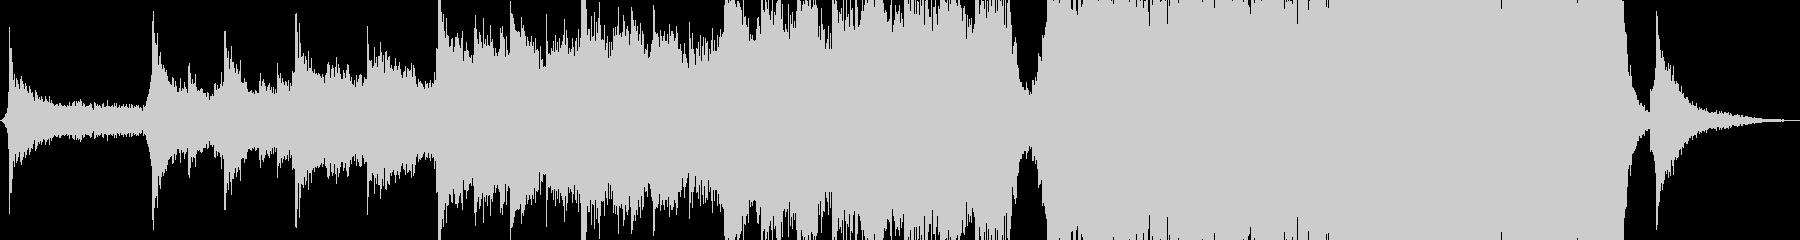 ギターエピックスペースサウンドトラックの未再生の波形